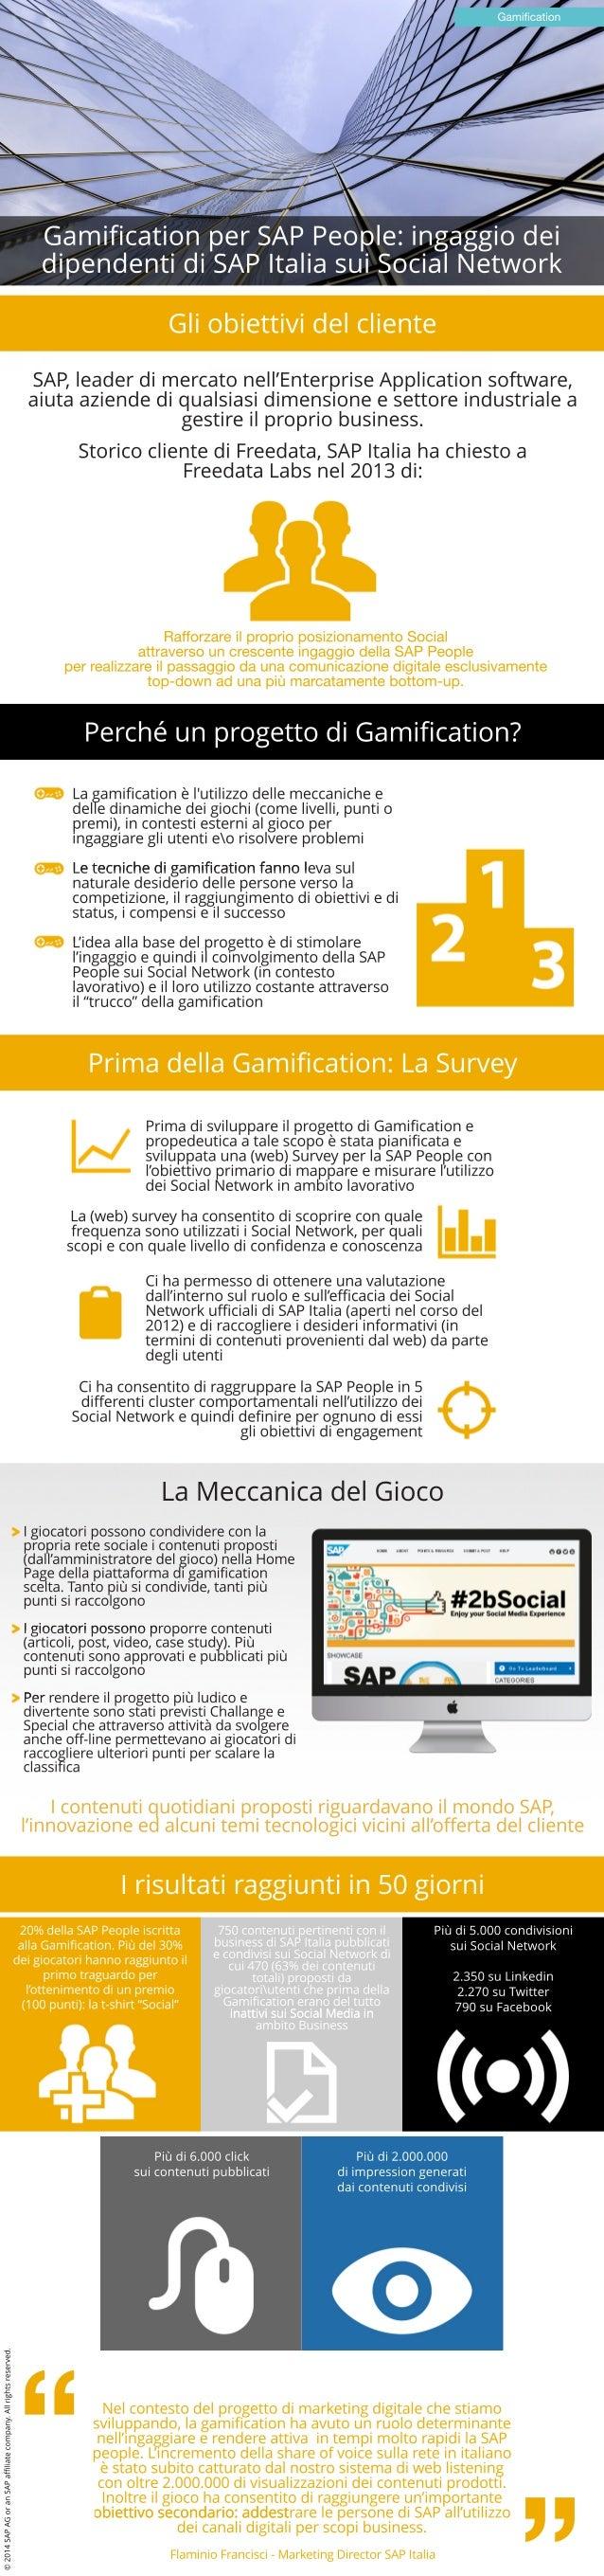 GamificationperSAPPeople:ingaggiodei dipendentidiSAPItaliasuiSocialNetwork Gamification RafforzareilproprioposizionamentoS...